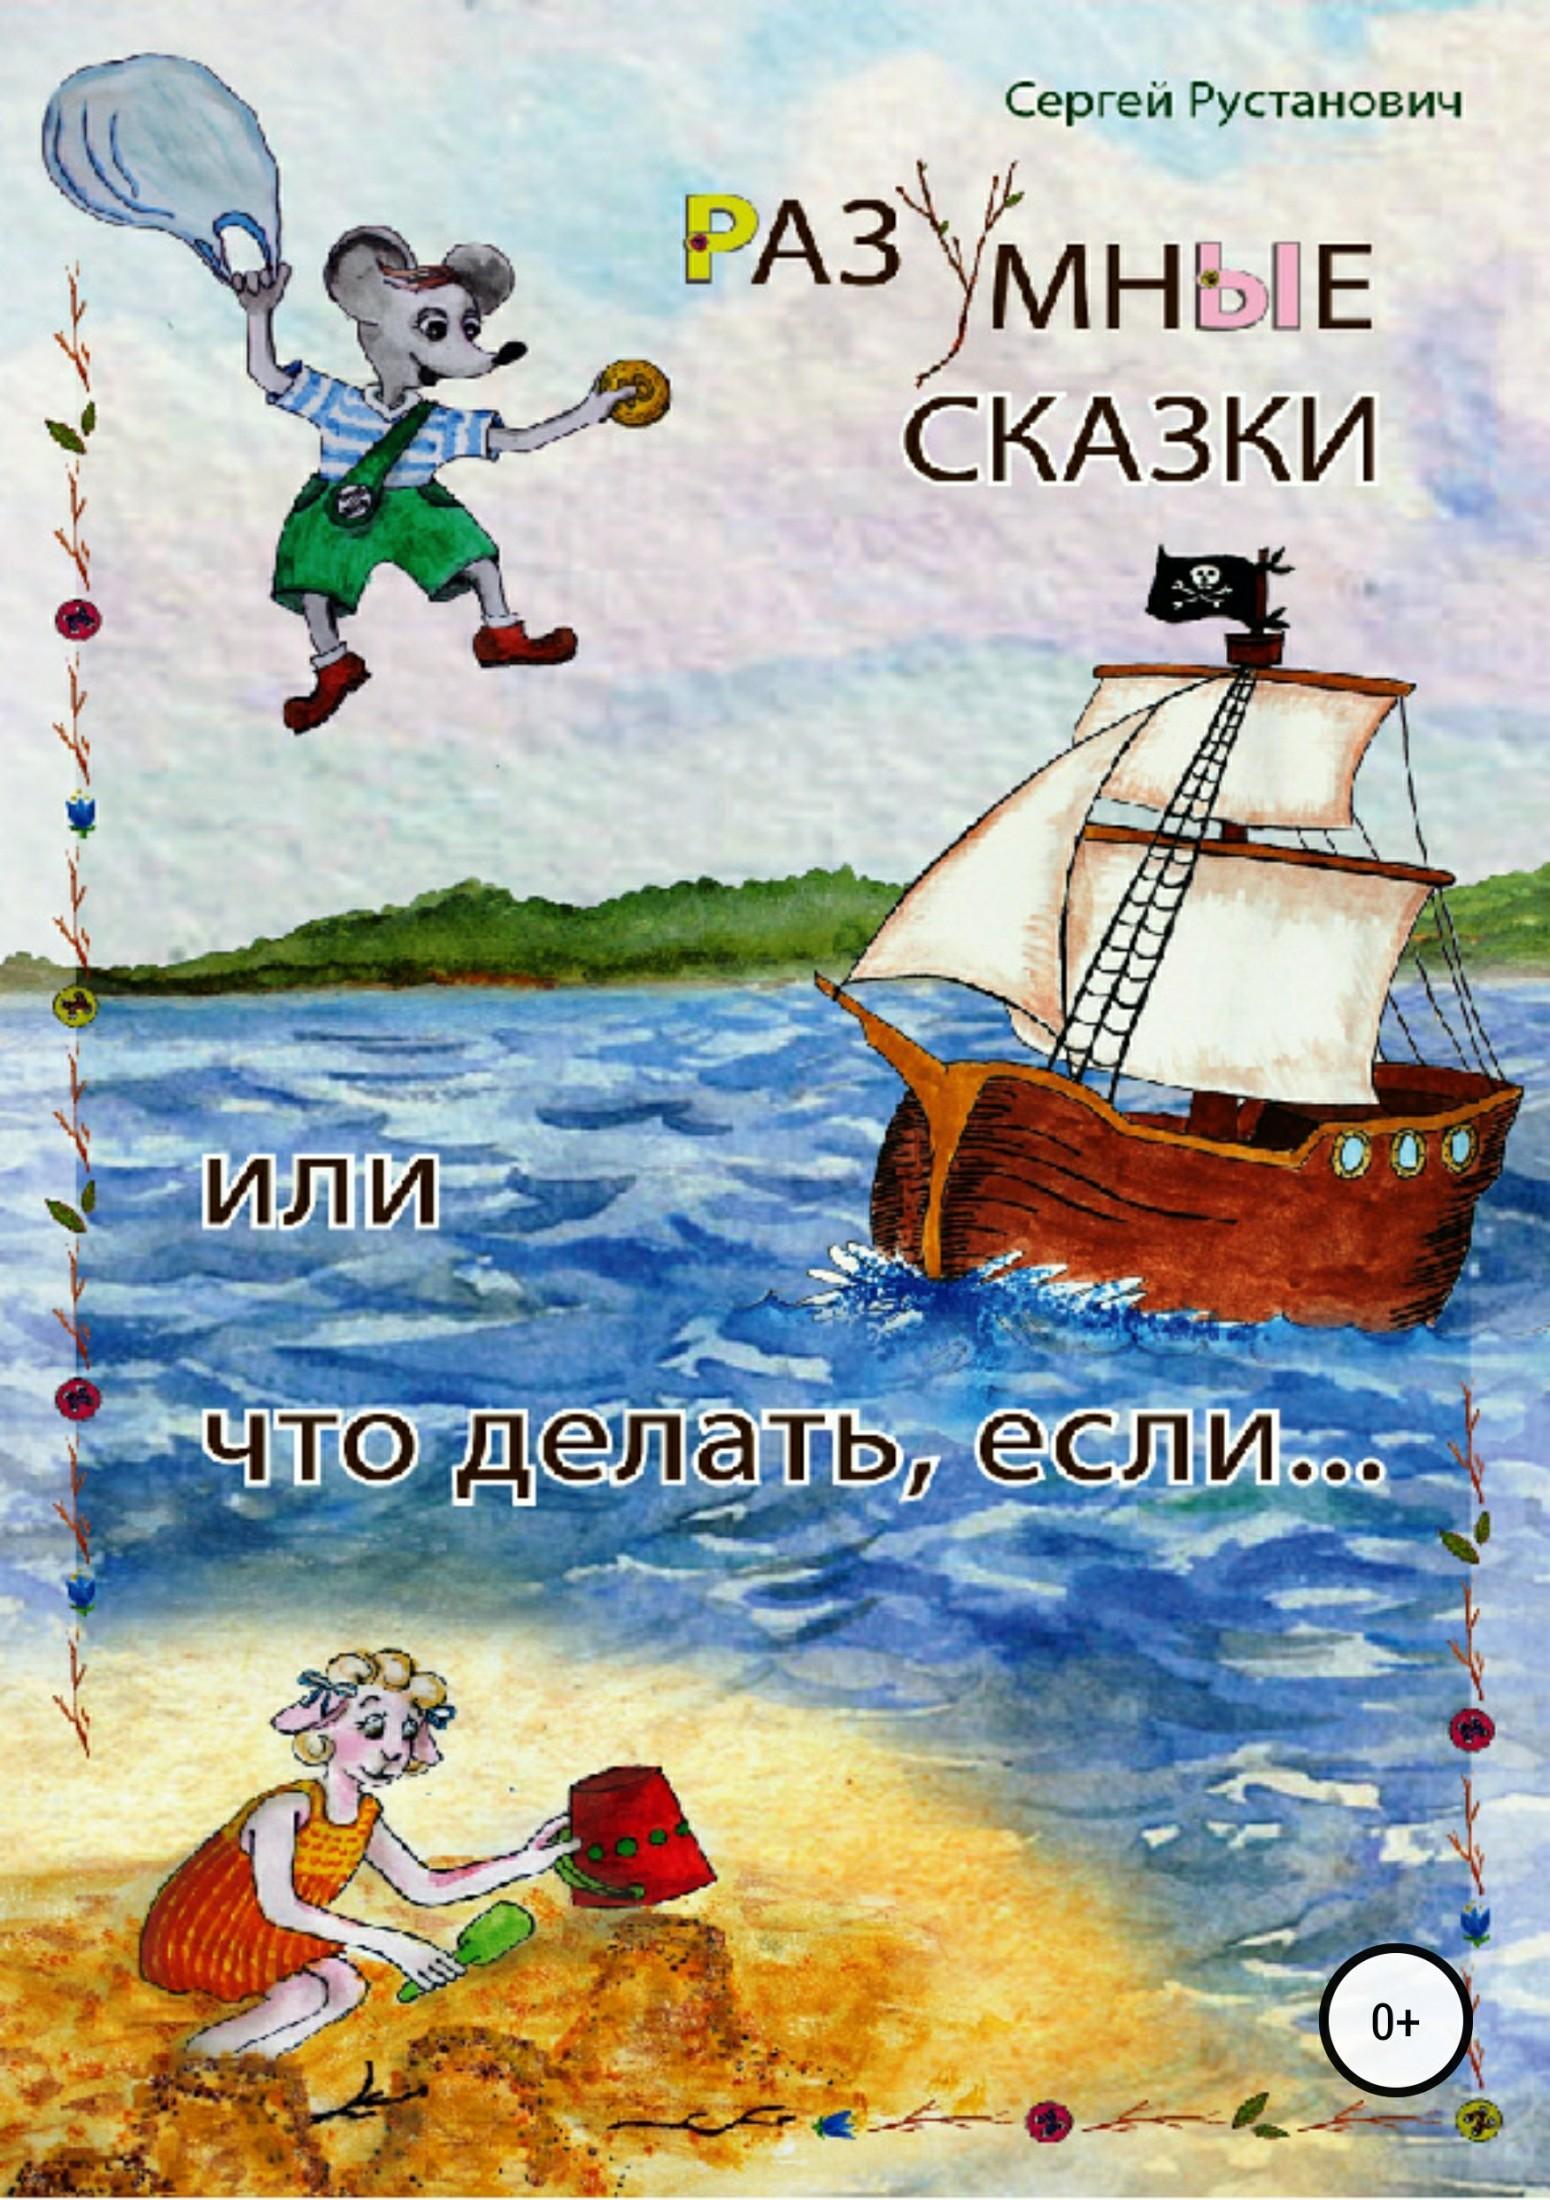 Сергей Георгиевич Рустанович бесплатно